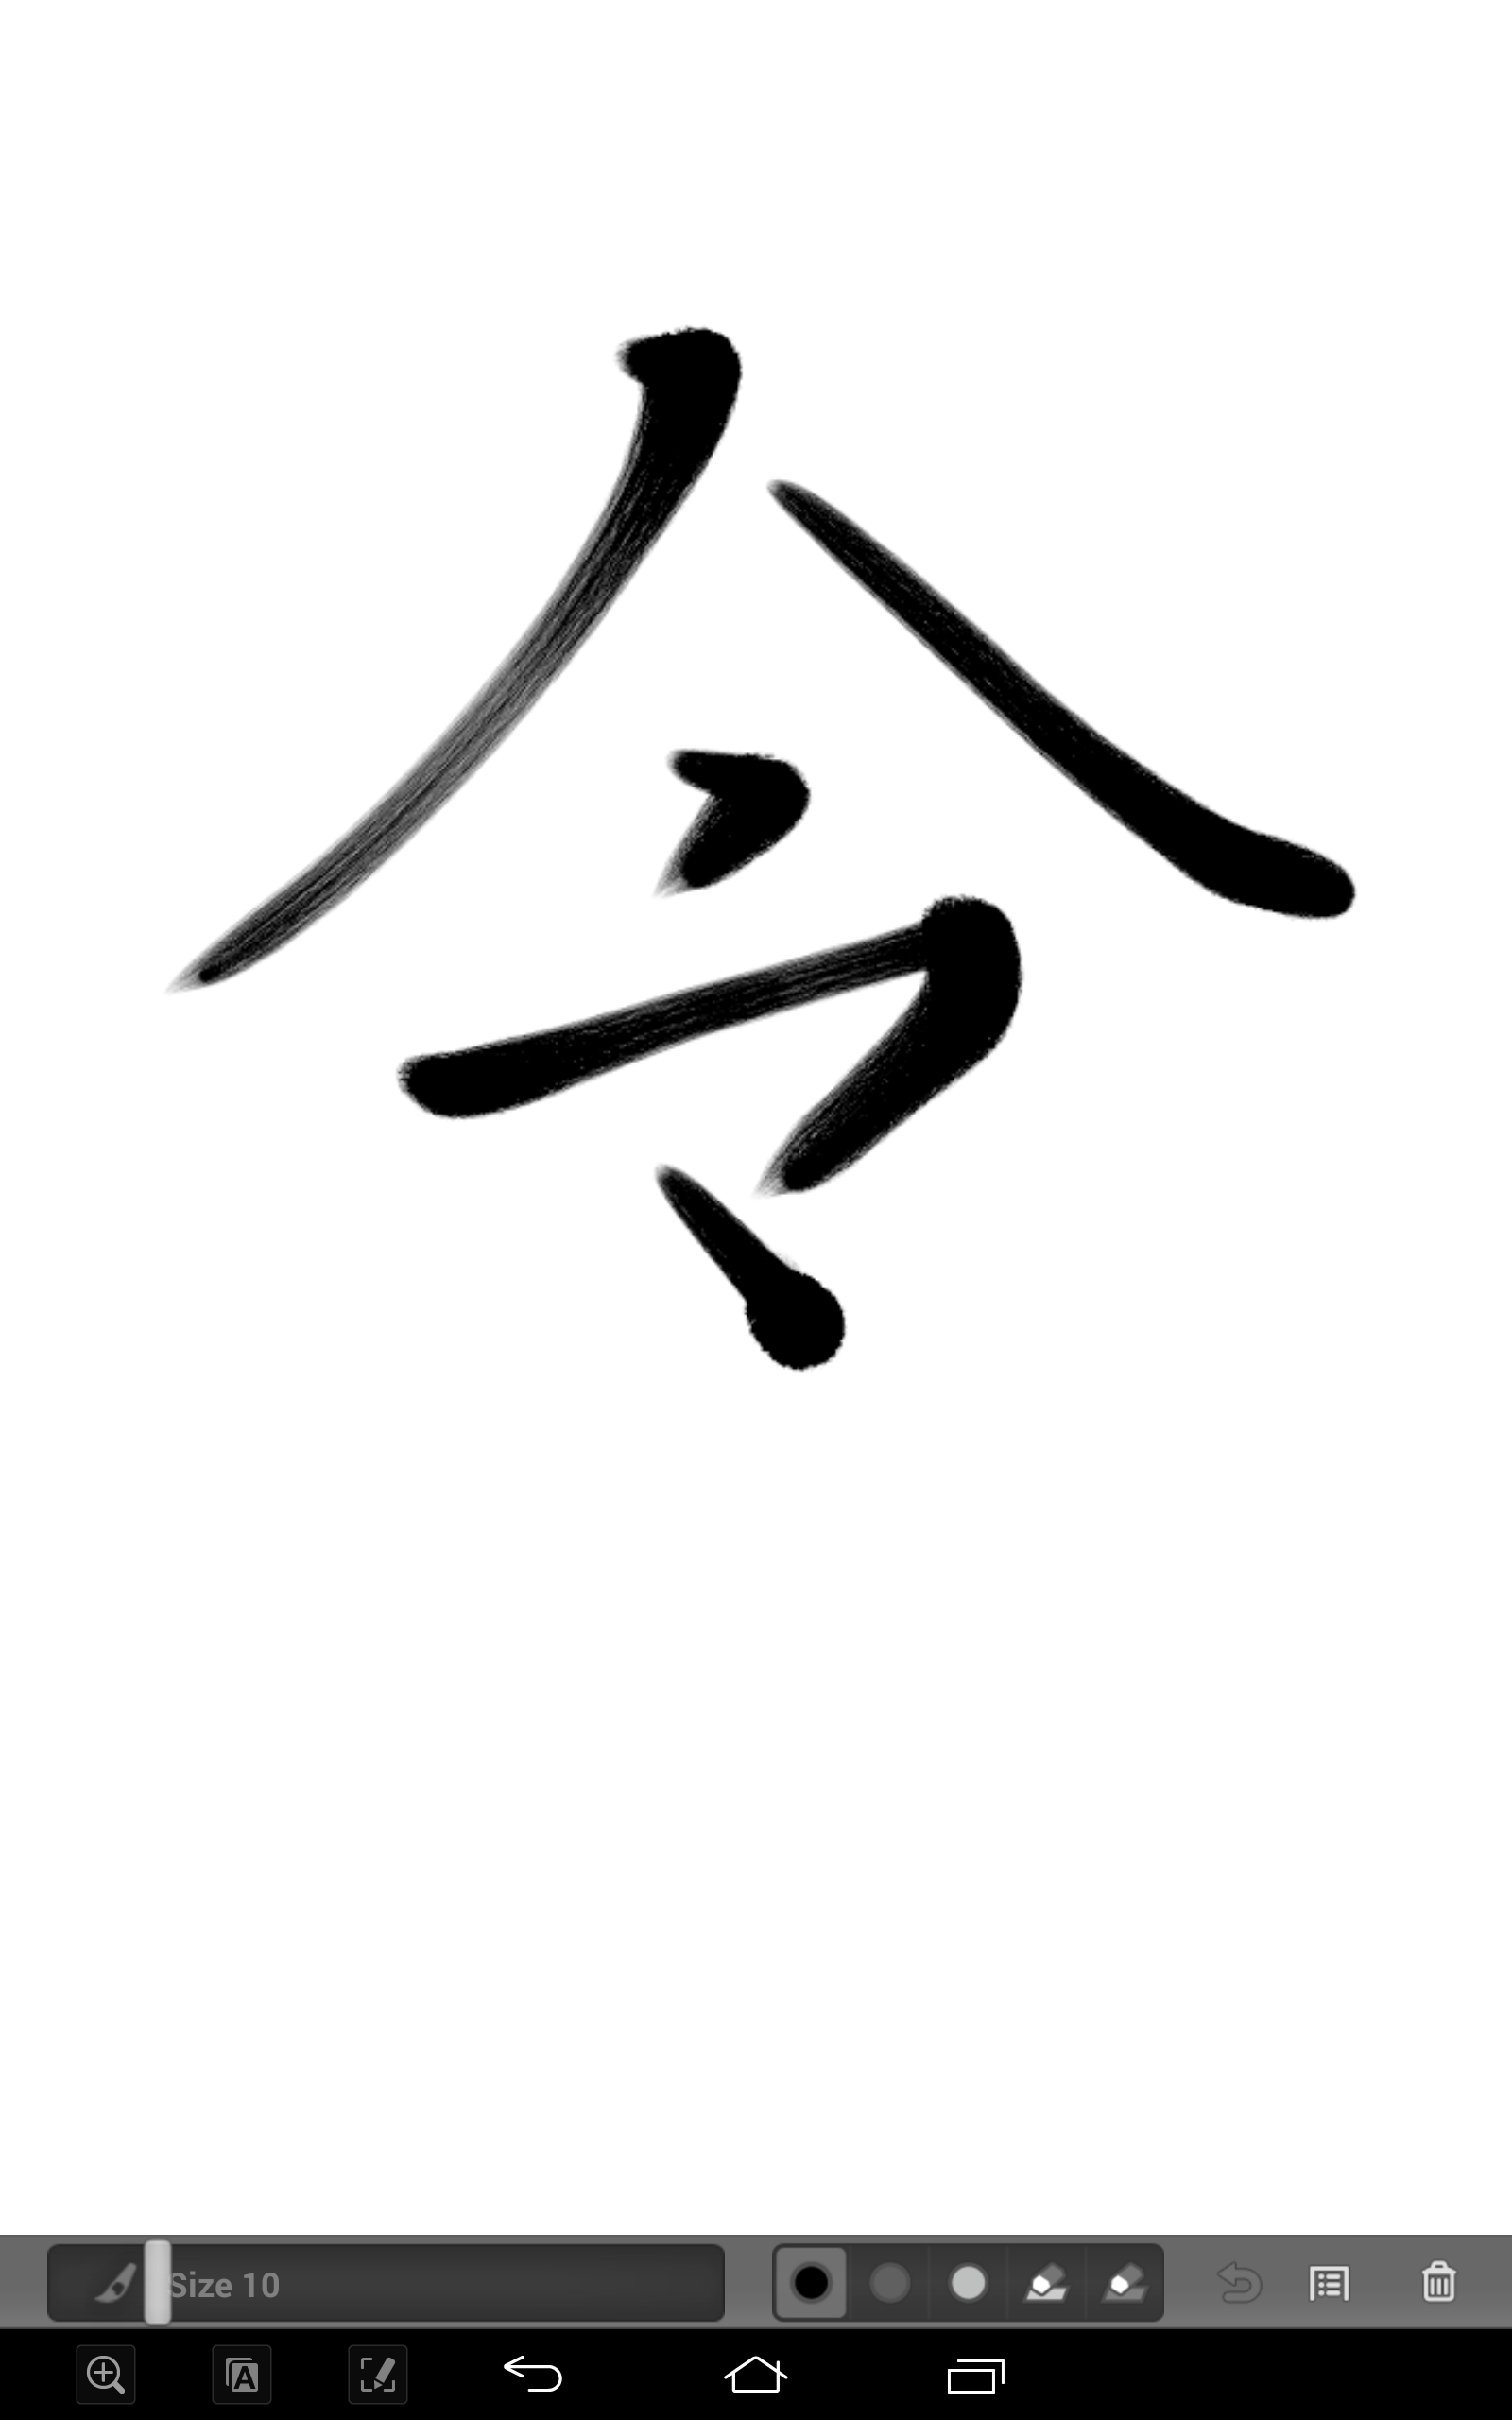 令という漢字の書き方は何通りかある